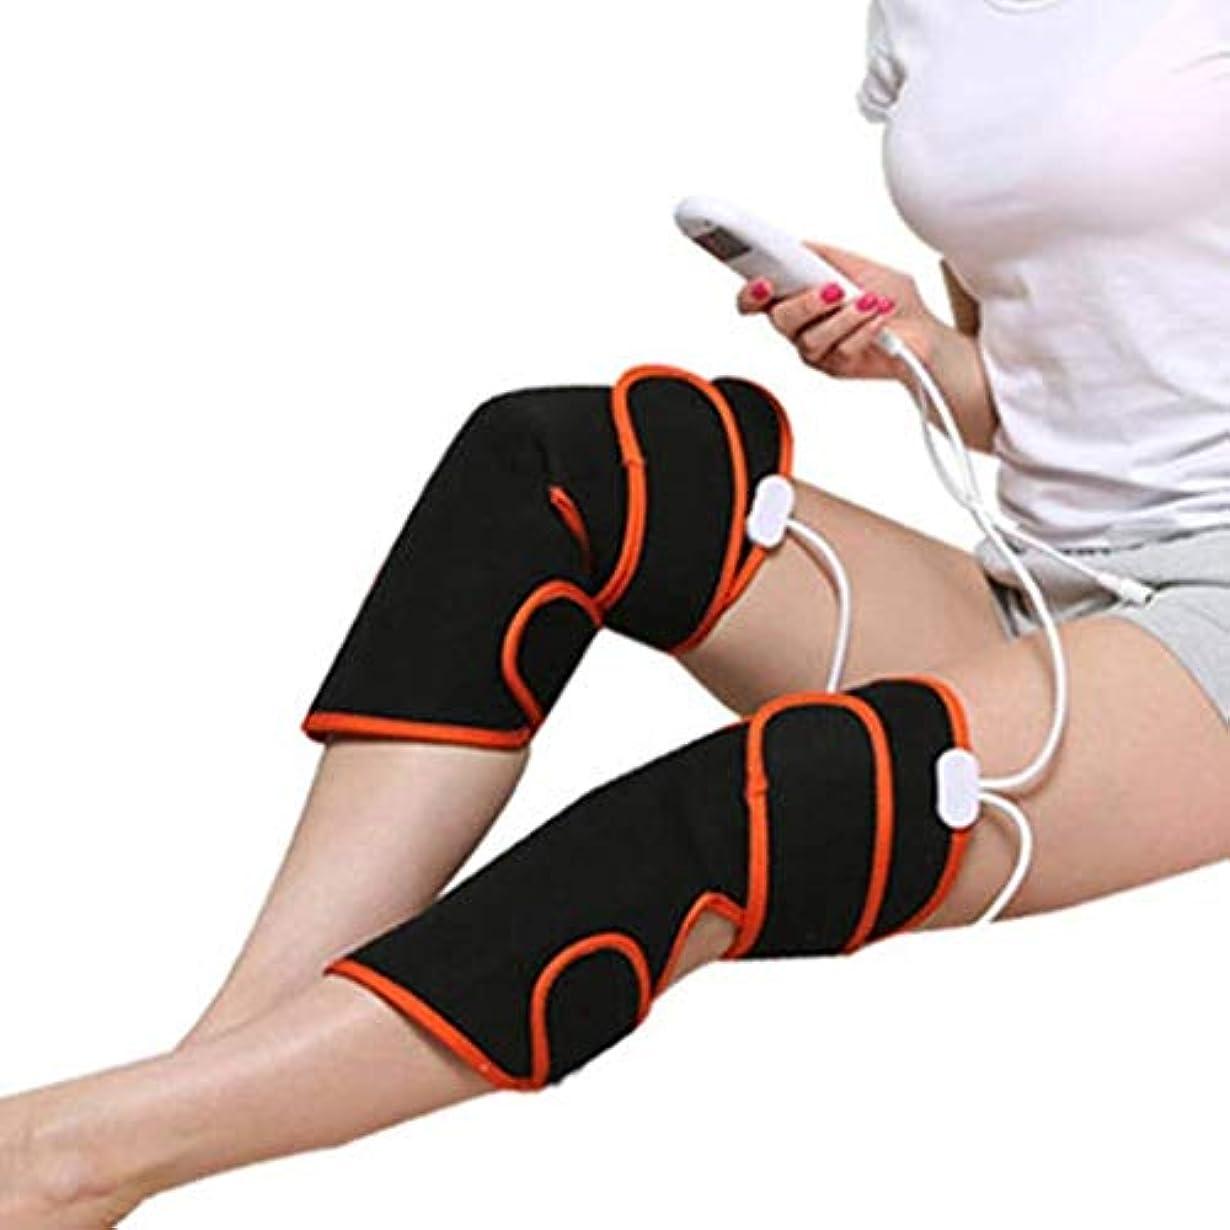 殺人者速記衰える暖房付き膝マッサージャー、電動バイブレーションマッサージャー、膝マッサージャーを定期的に加熱できます、筋肉の痛みを緩和するモード、9モード、冷たい脚、骨過形成患者、術後リハビリ